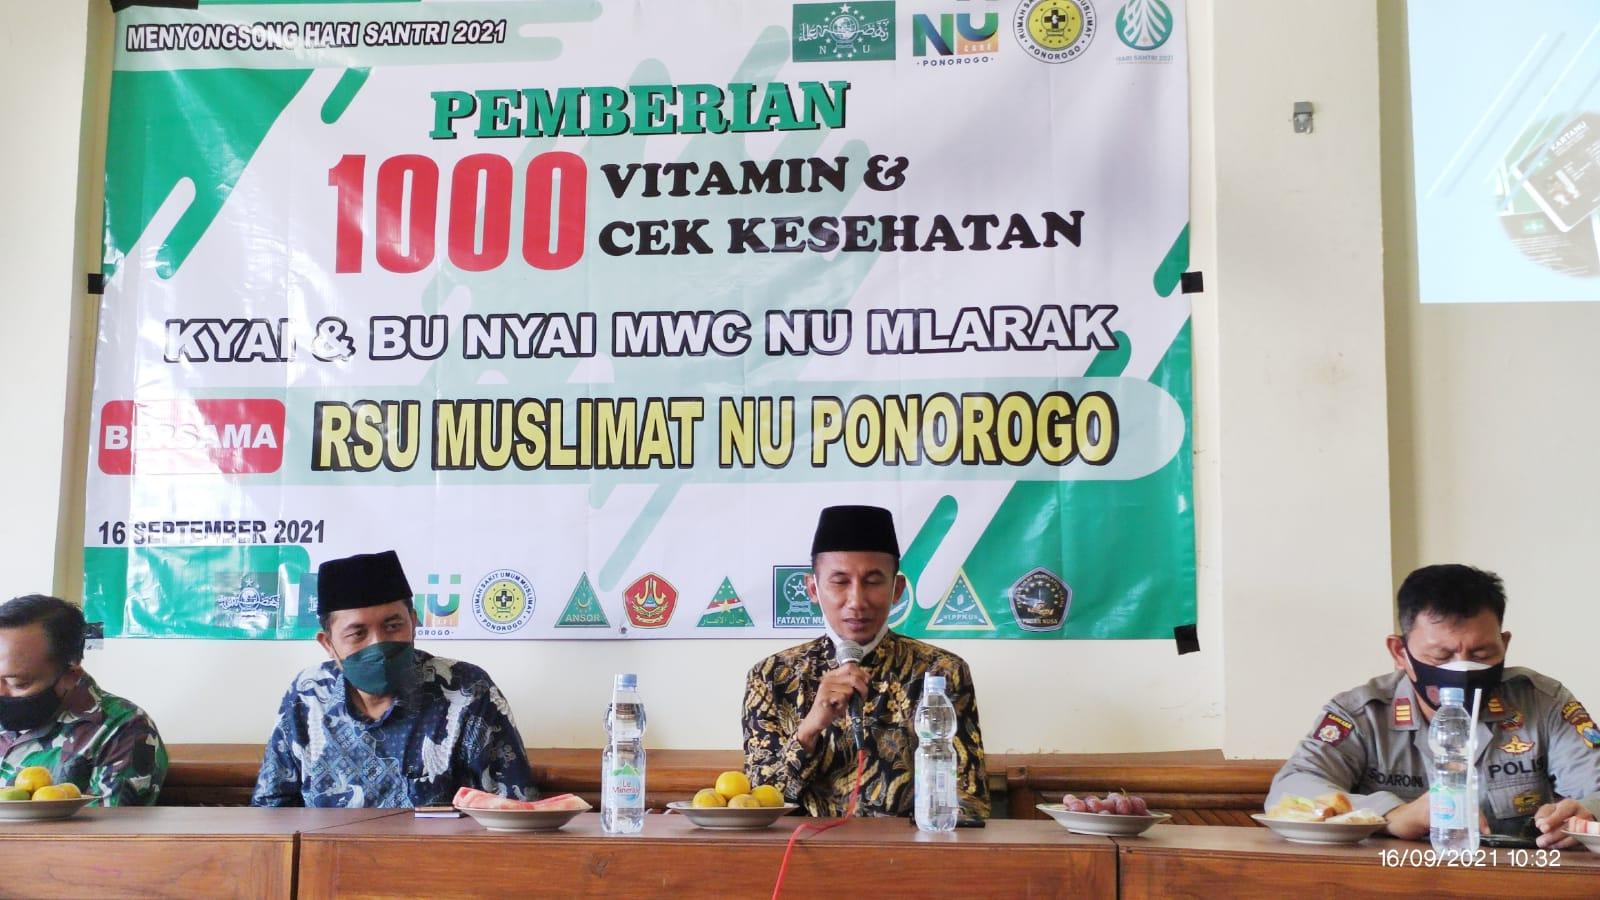 Pemberian 1000 vitamin dan cek kesehatan pada program peduli jaga kesehatan Kyai di MWC Mlarak